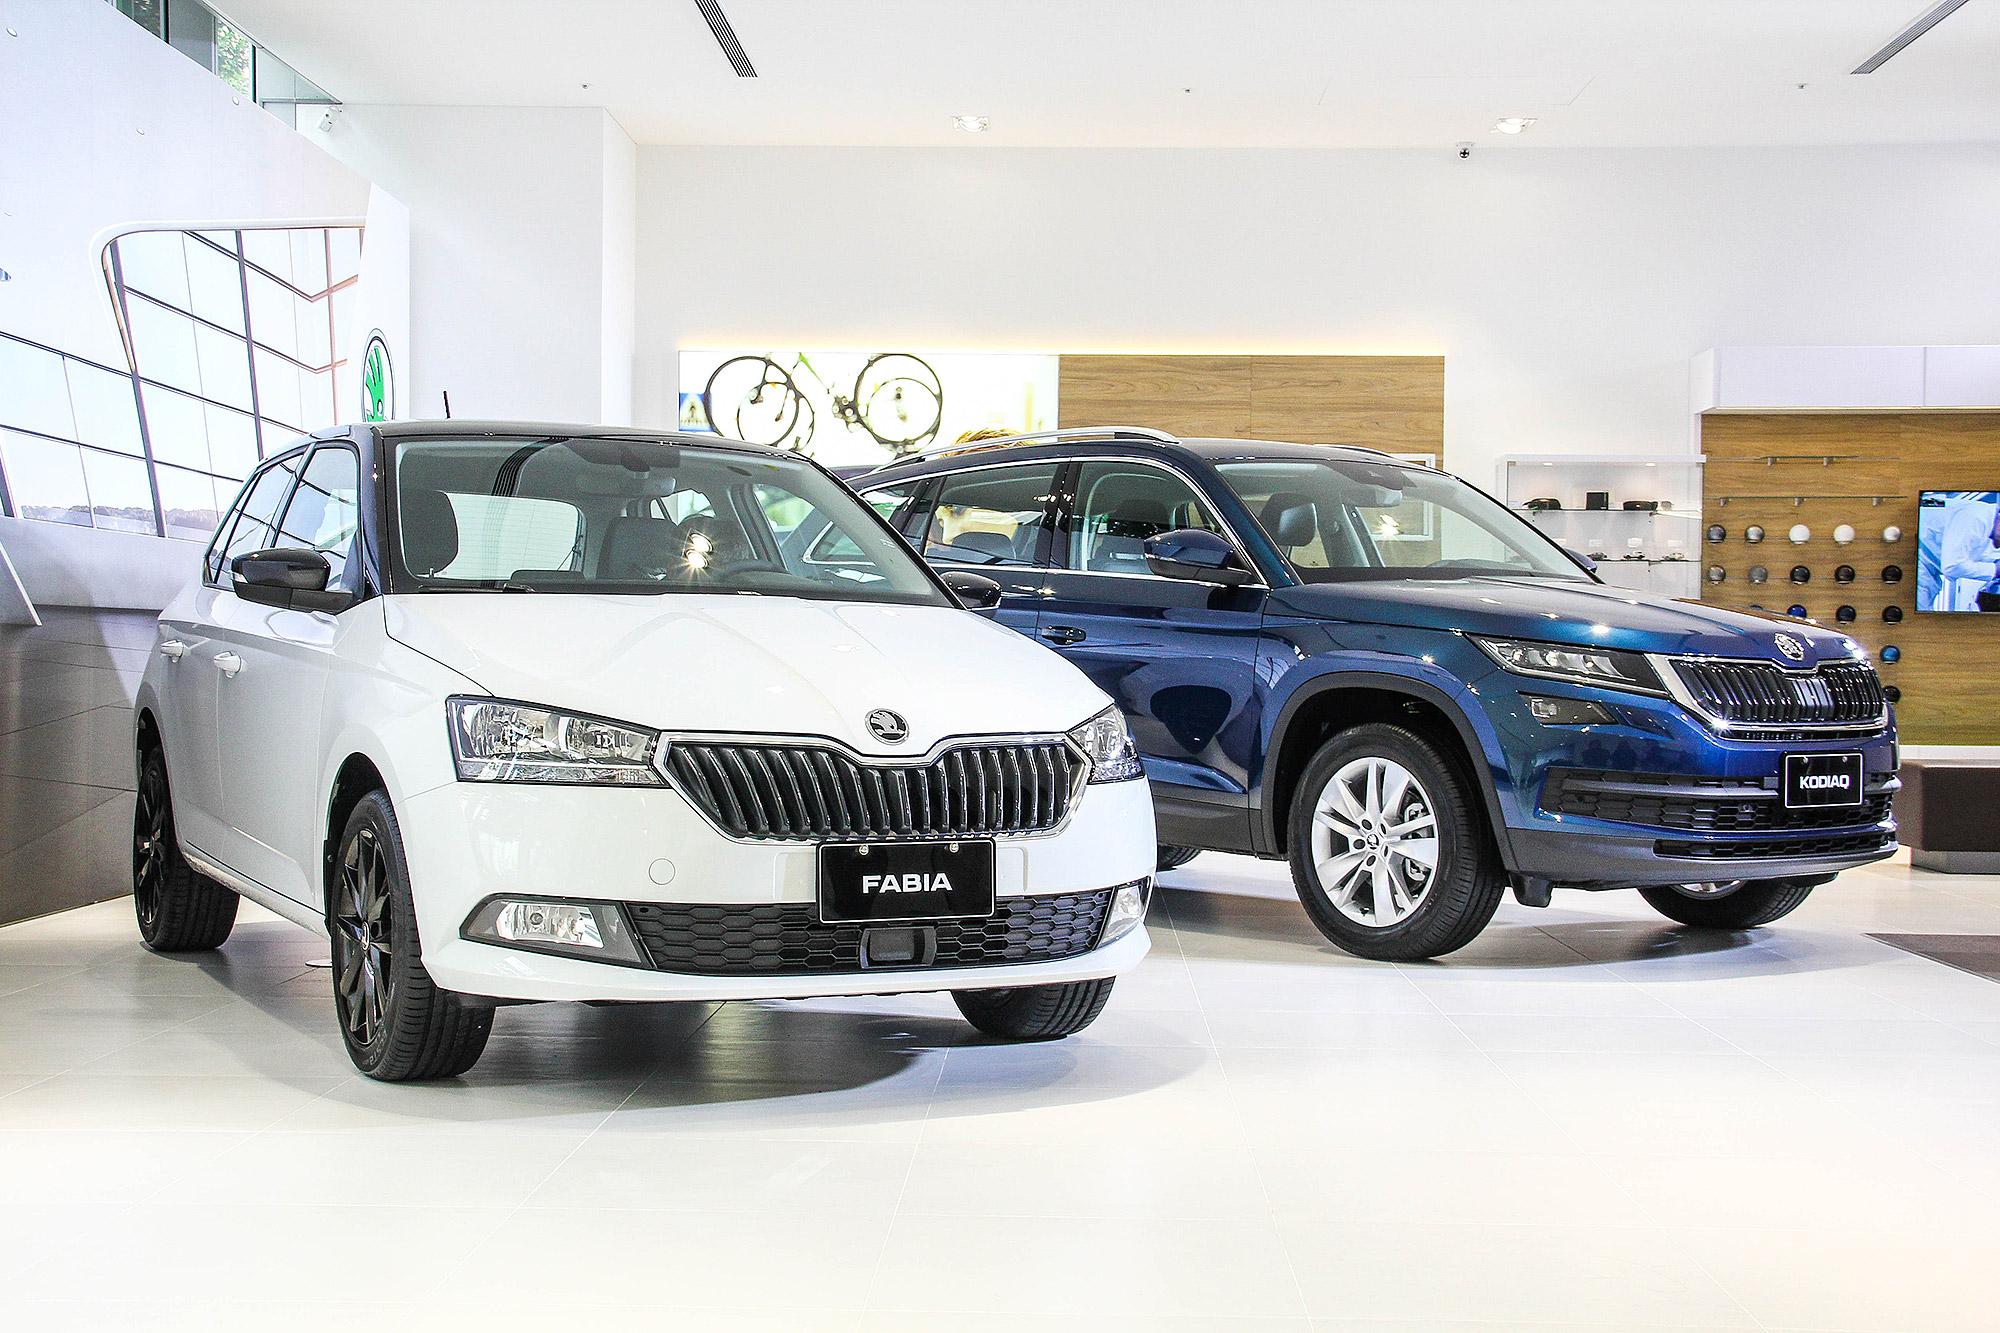 Škoda Taiwan 預告 2020 世界新車大展參展陣容。